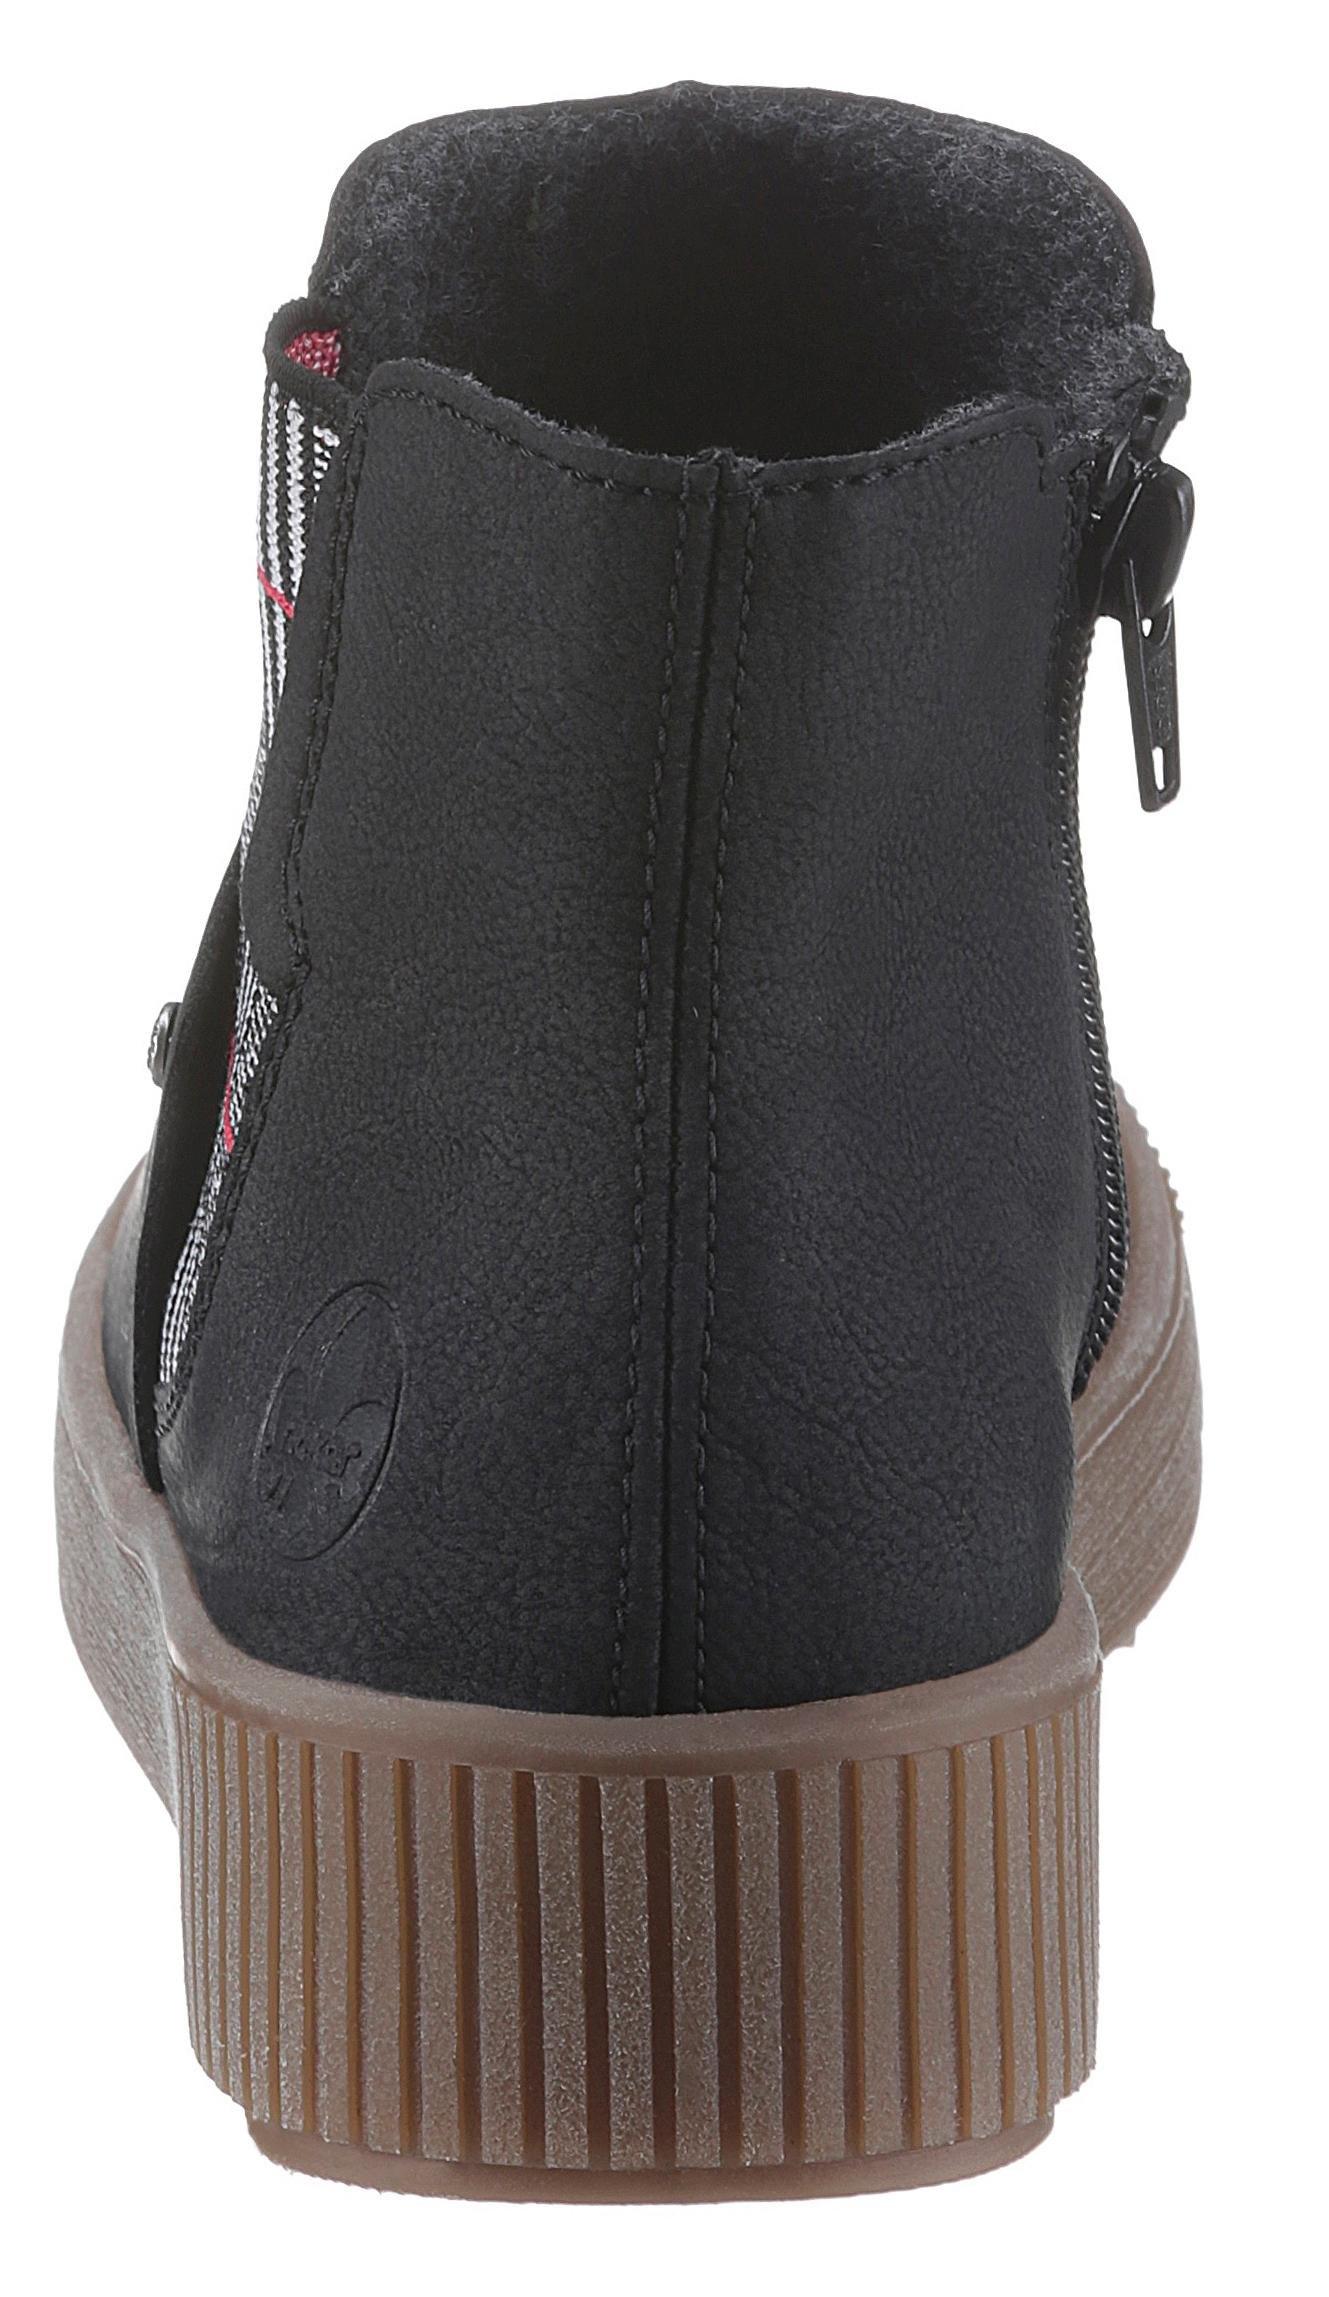 Rieker Chelsea-boots met plateauzool nu online kopen bij OTTO